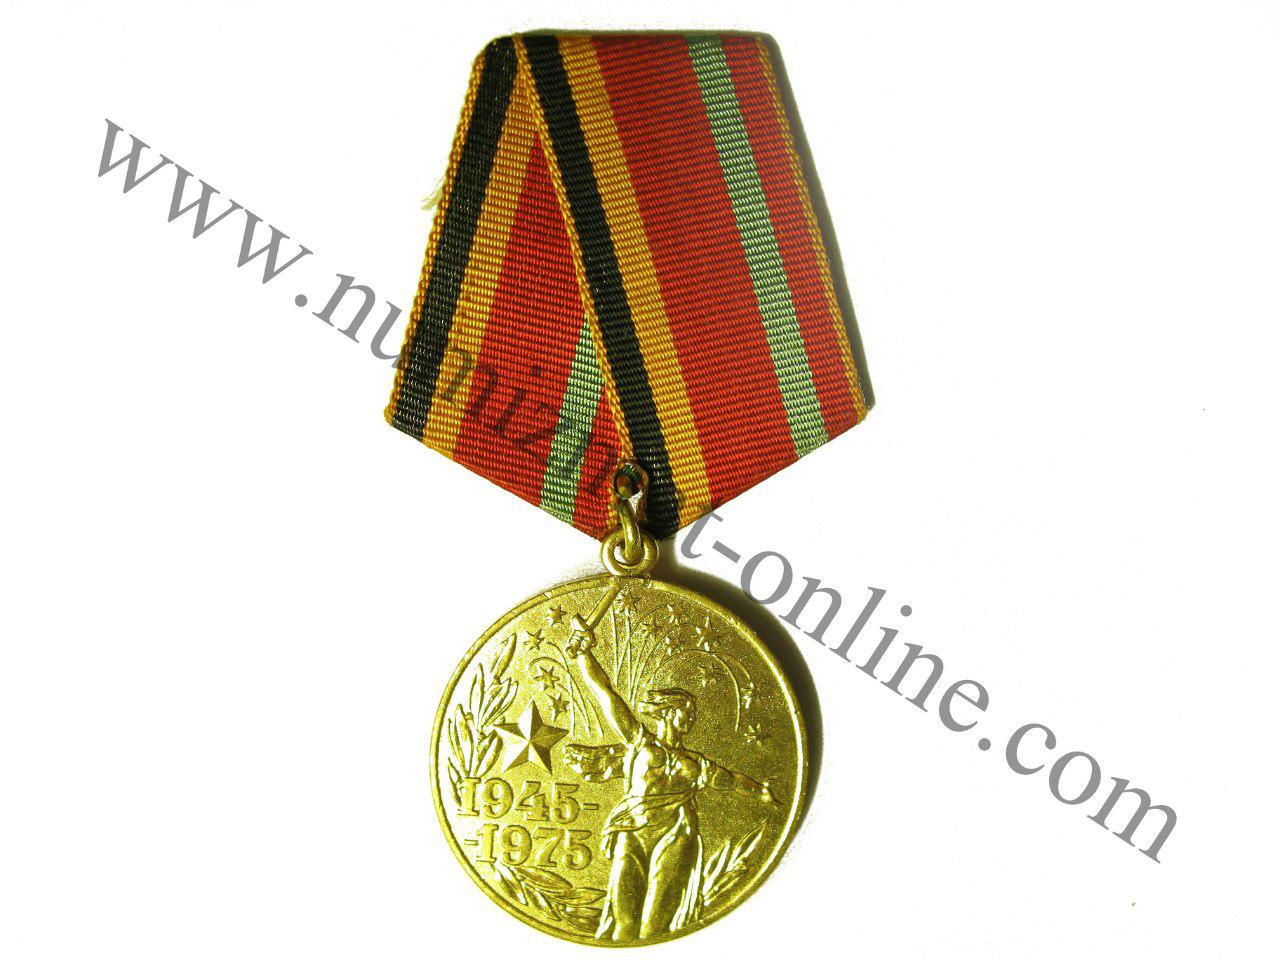 Юбилейная медаль «Тридцать лет Победы в Великой Отечественной войне 1941 - 1945 гг.»